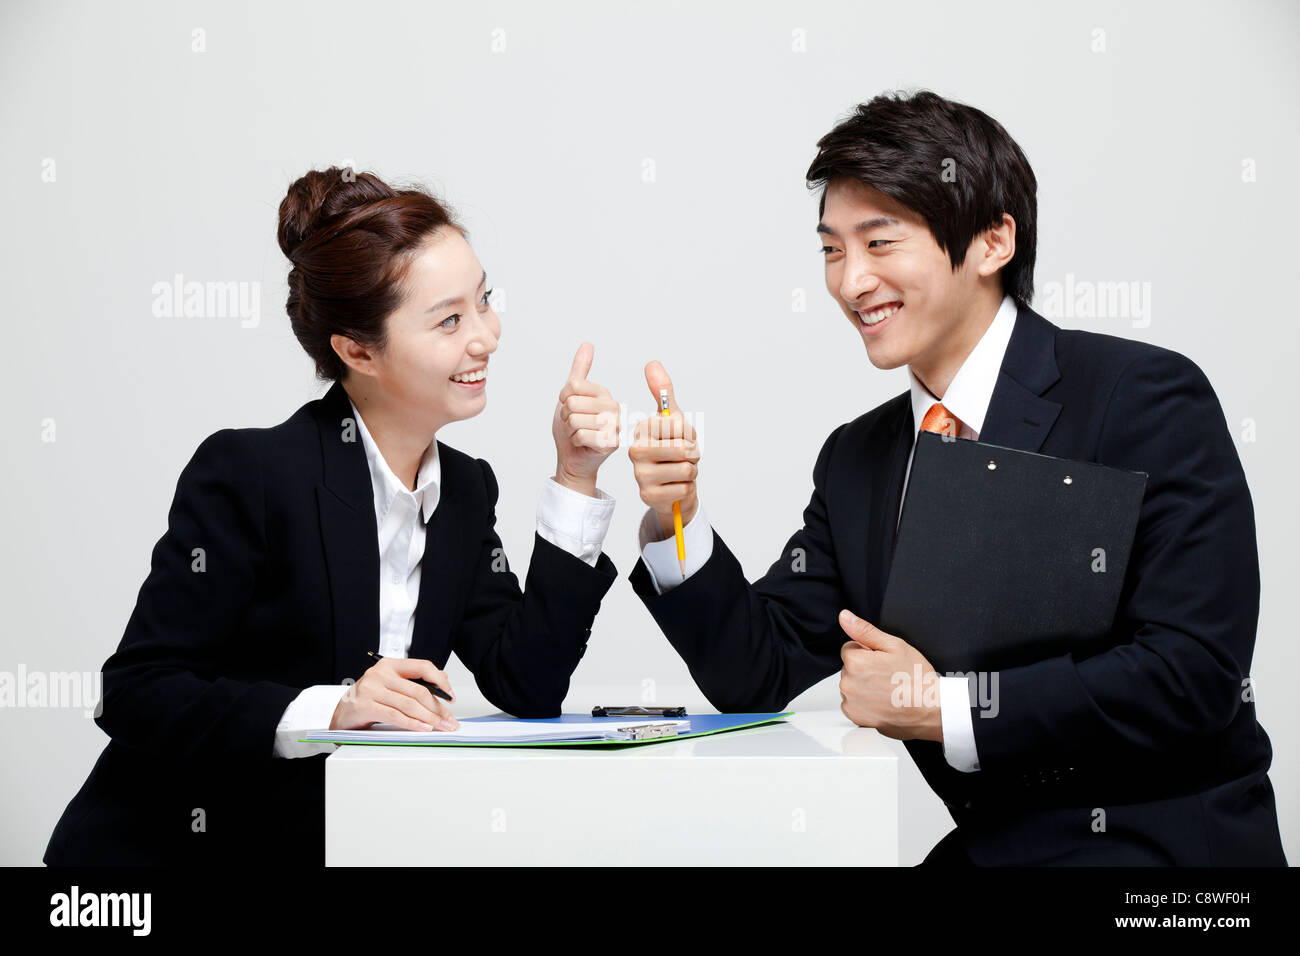 Empresario asiático y empresaria mostrando Pulgar arriba firmar en el escritorio, uno frente a otro Imagen De Stock